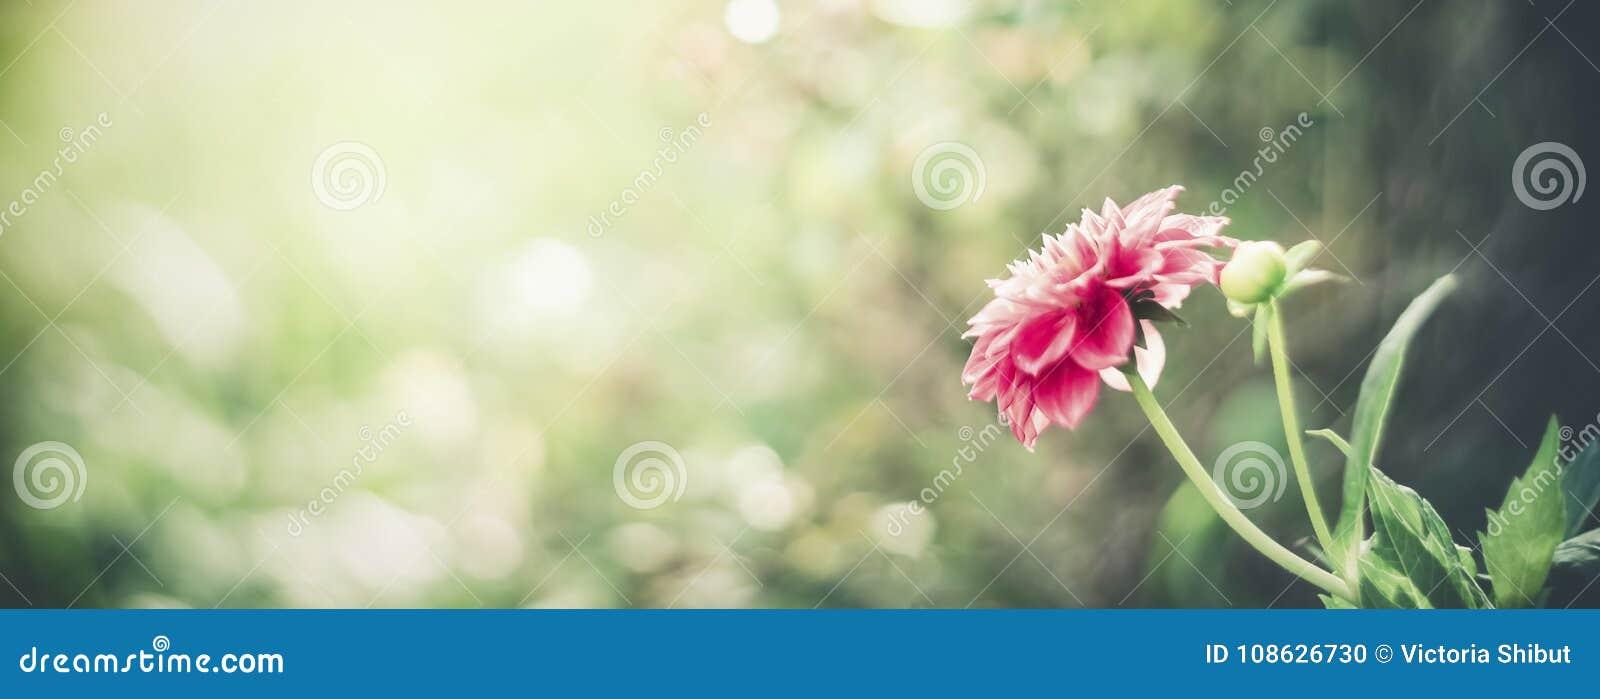 Υπόβαθρο θερινής φύσης με το ρόδινο λουλούδι στο bokeh Πρότυπο κήπων λουλουδιών